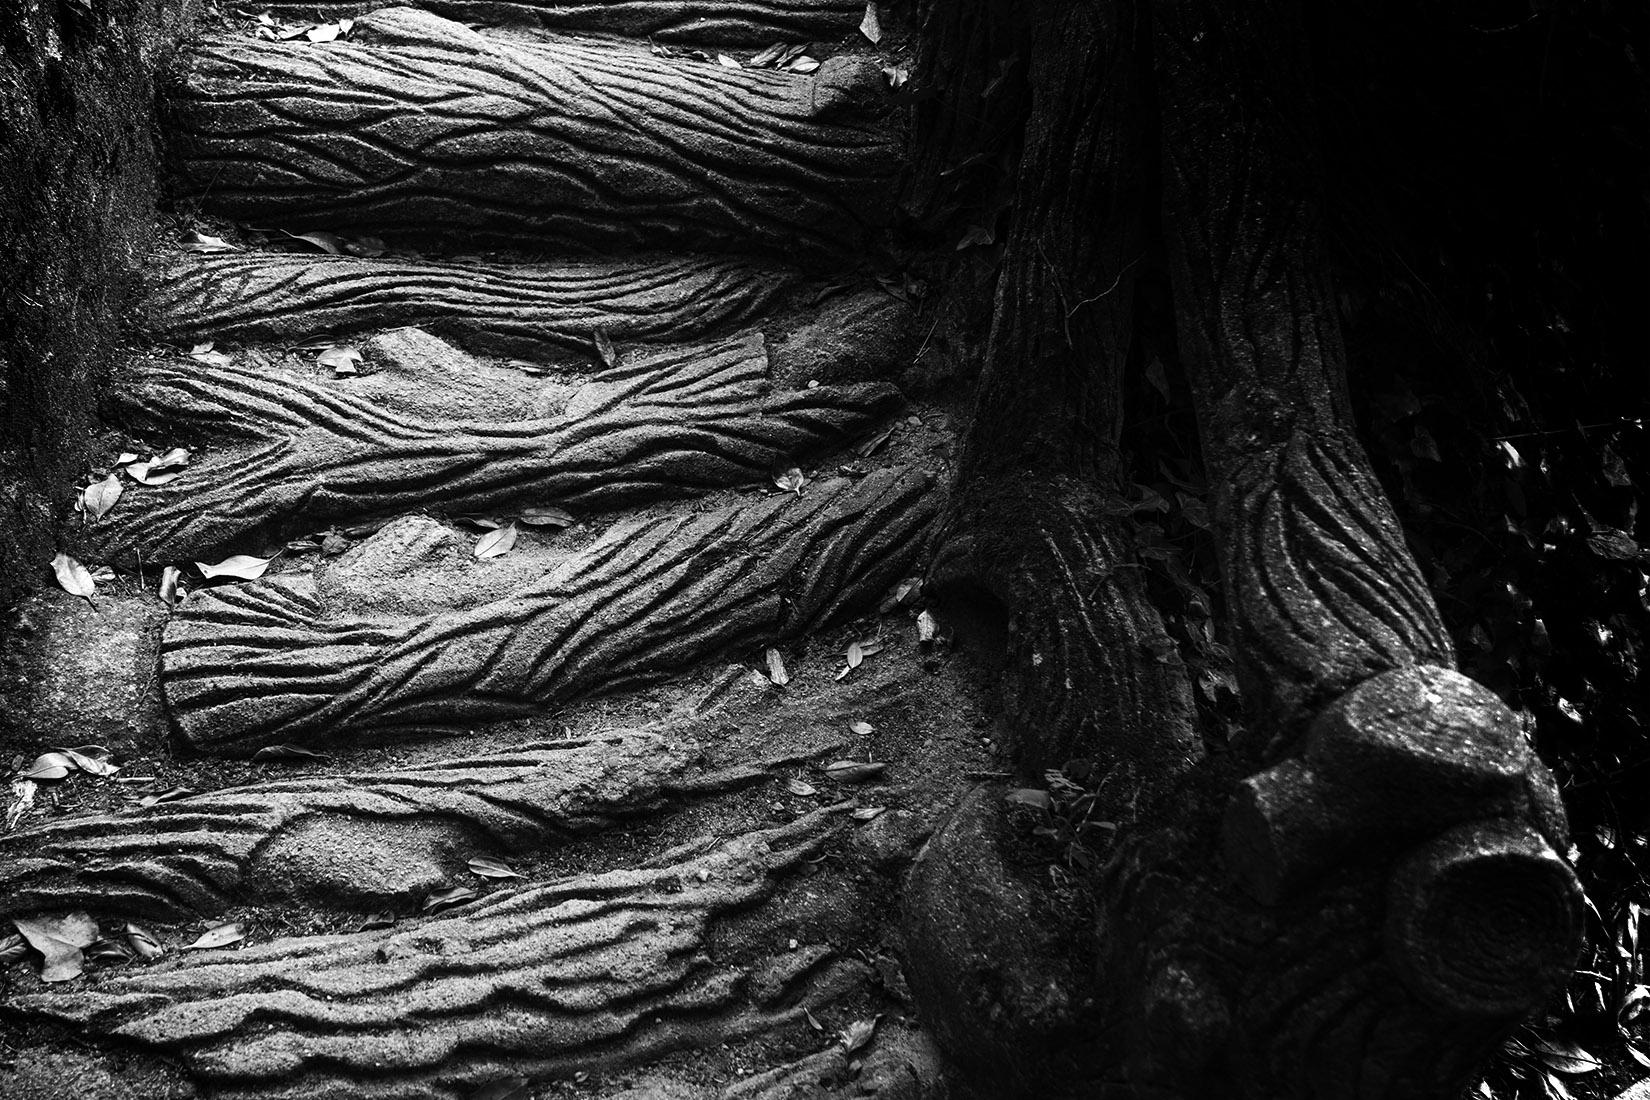 Rusticage : escalier de ciment imitation bois | photo poésie